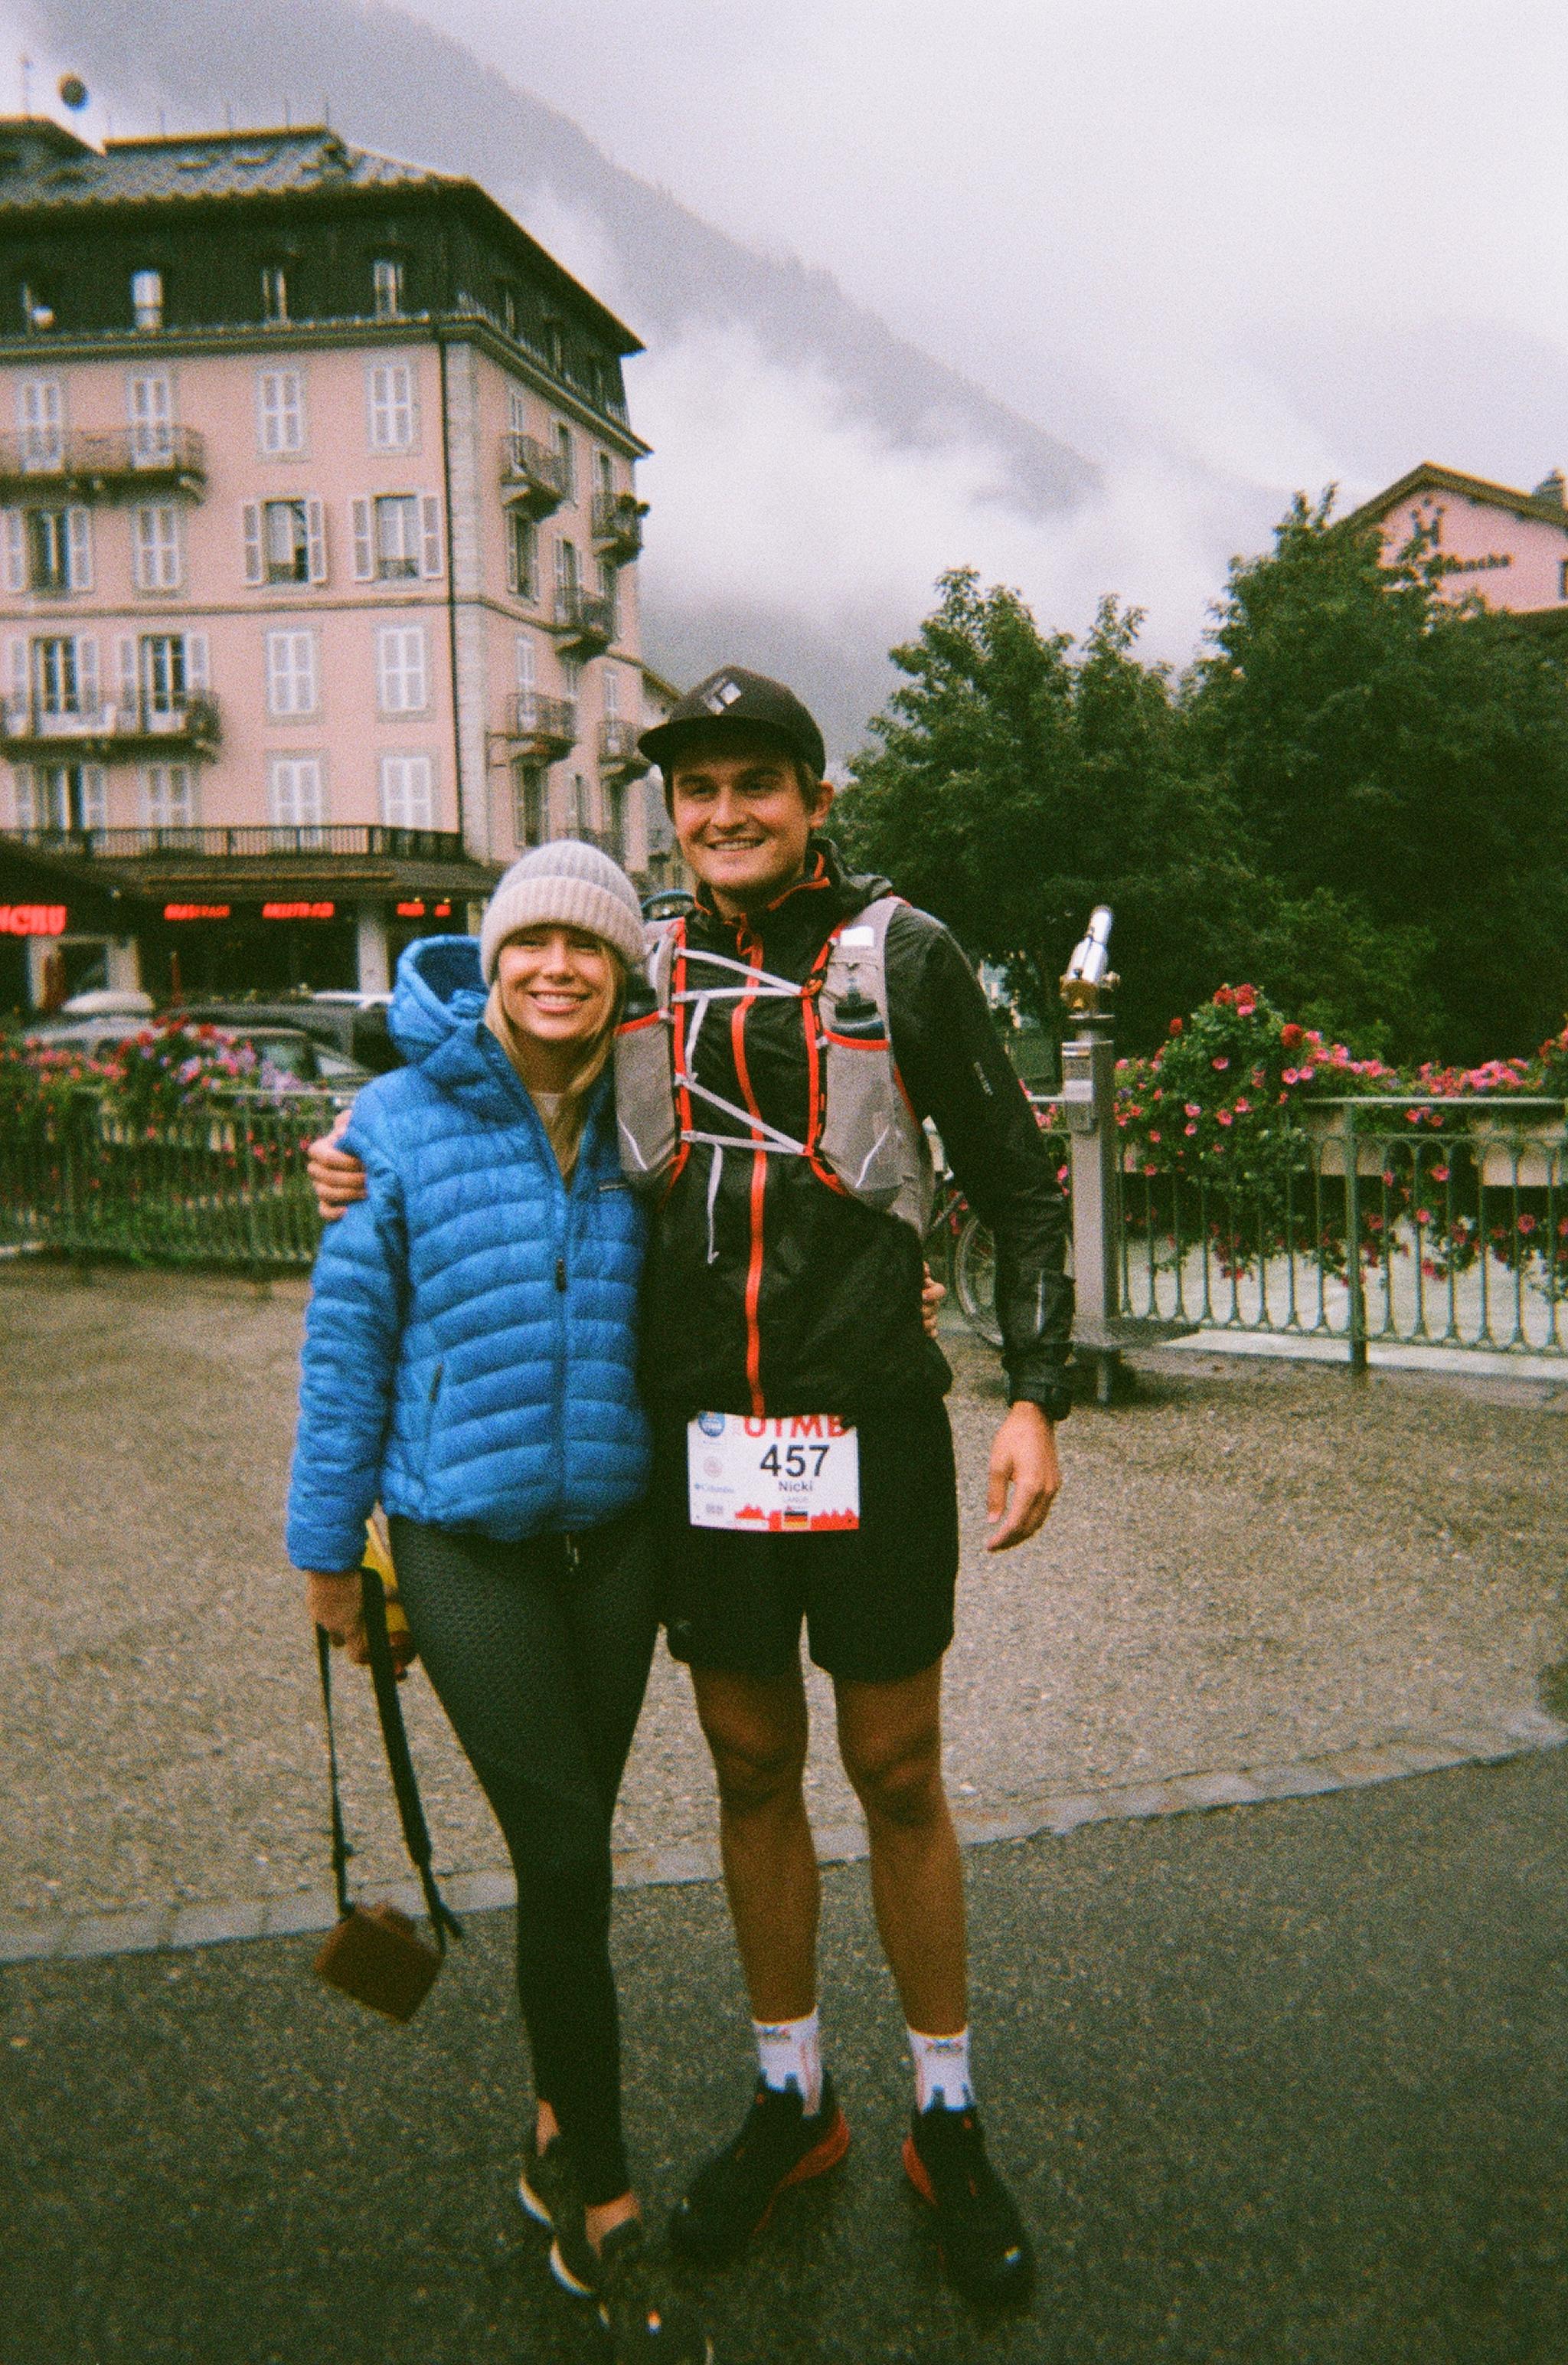 Nicki-Lange-Ultra-Trail-Du-Mont-Blanc-2018-6.jpg